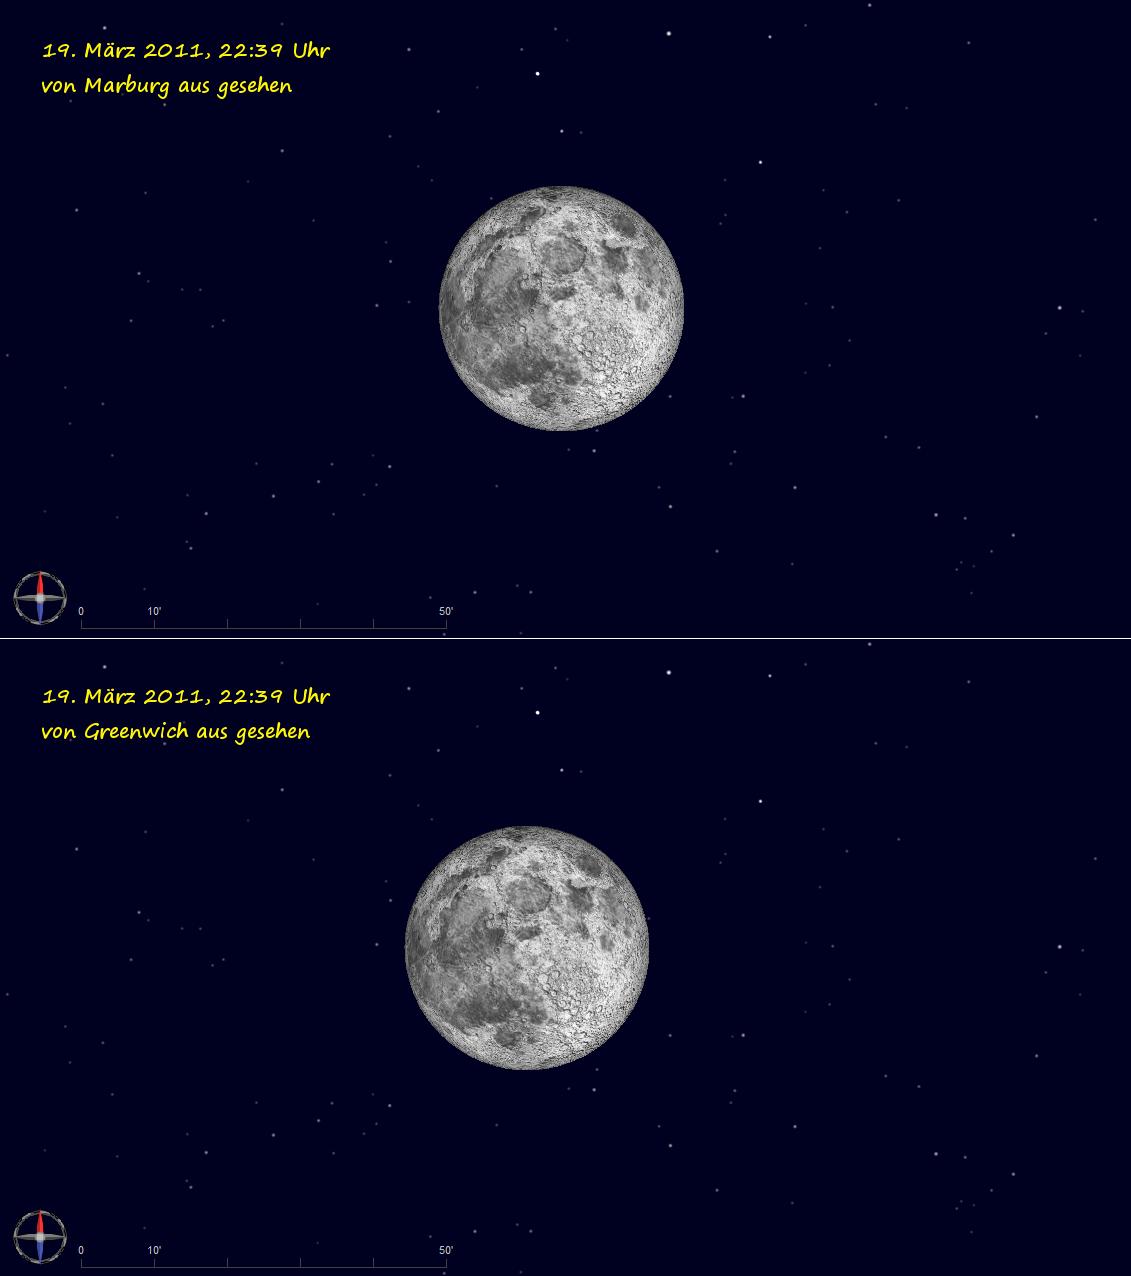 Monddistanz Marburg-Greenwich